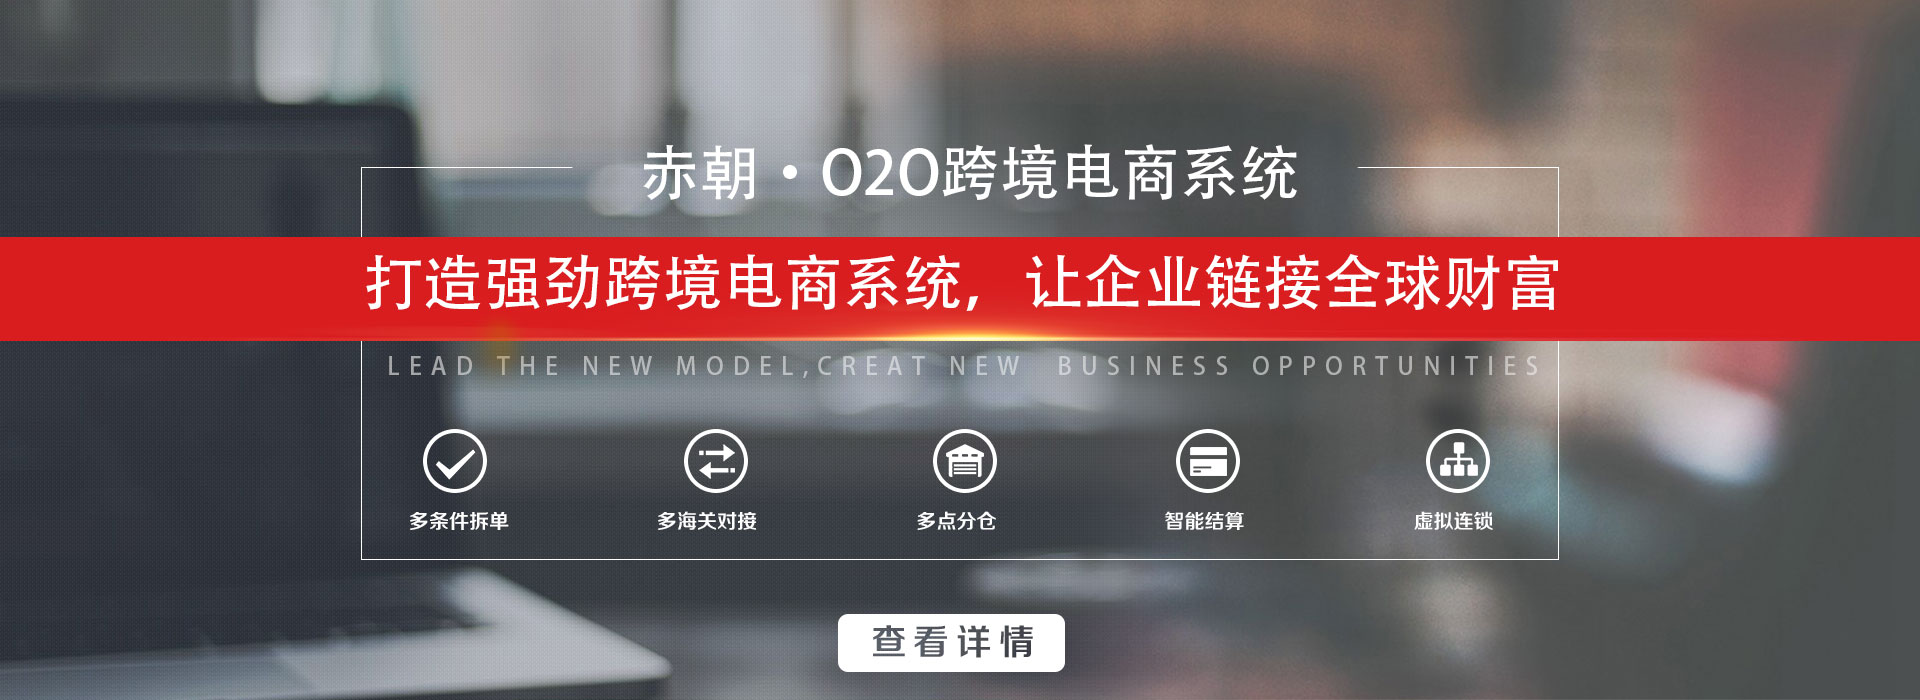 赤朝跨境电商O2O